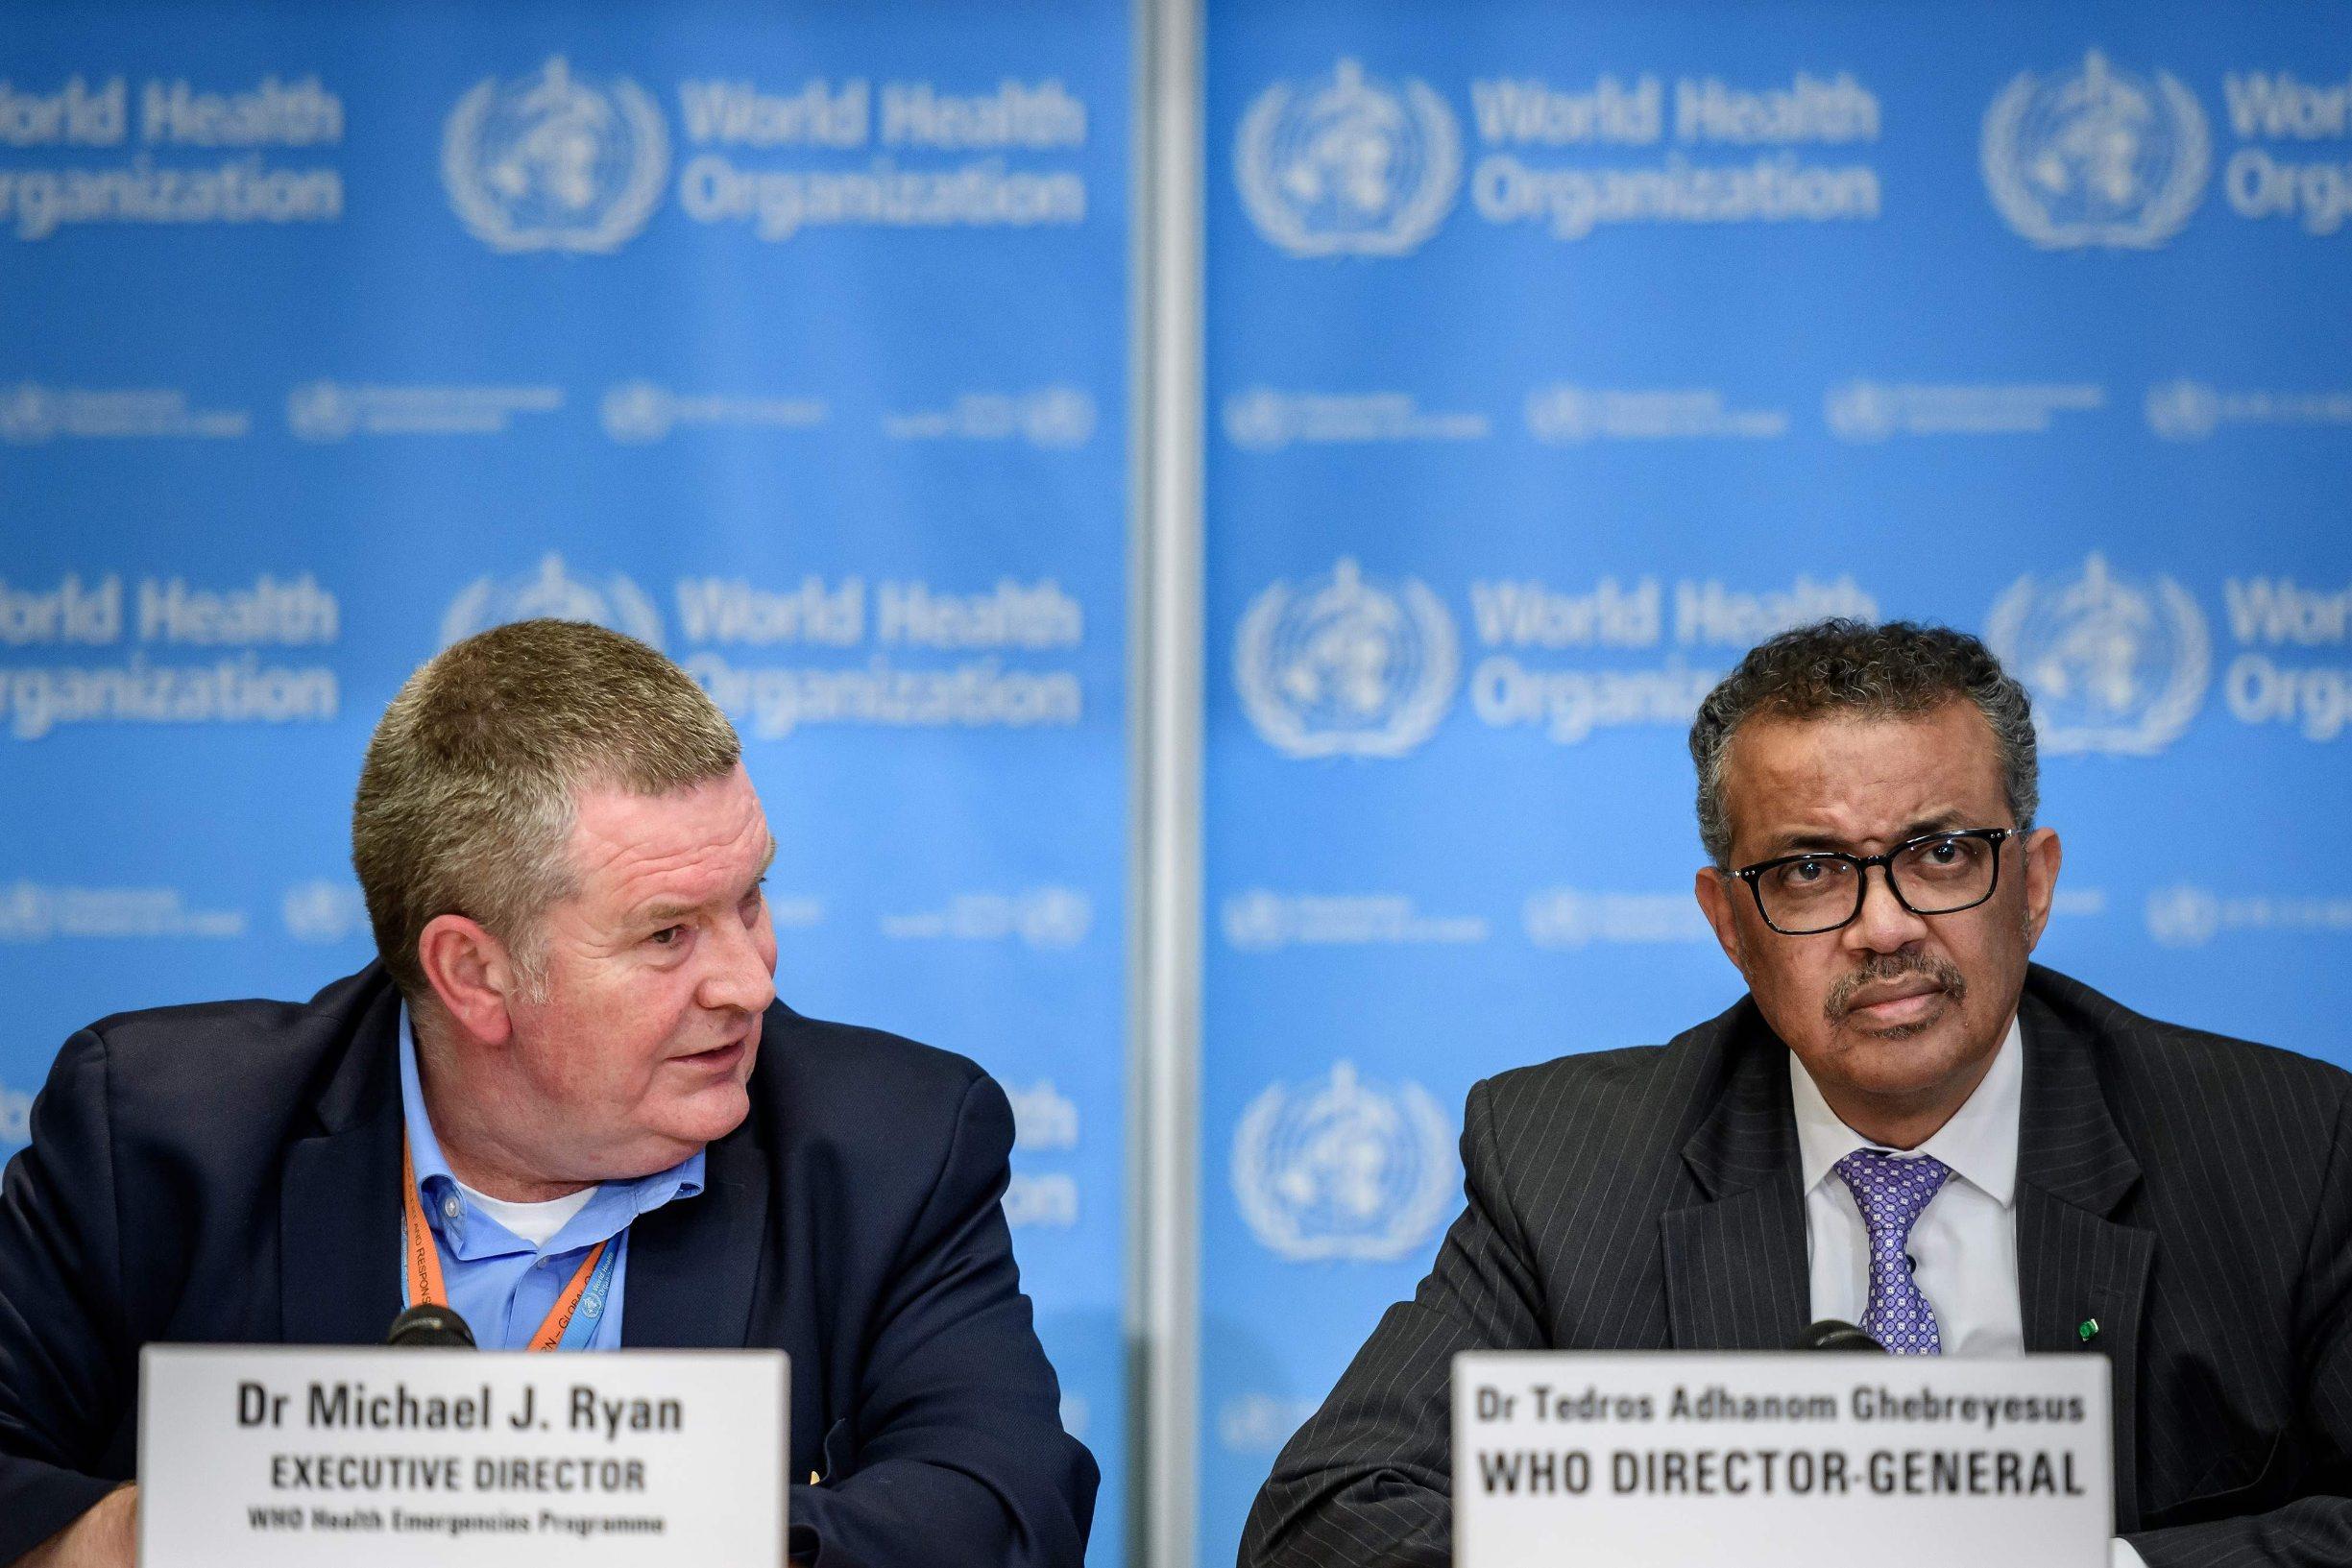 Michael Ryan, šef odjela za hitne situacije u WHO-u (lijevo) i Tedros Adhanom Ghebreyesus, čelnik WHO-a (desno)